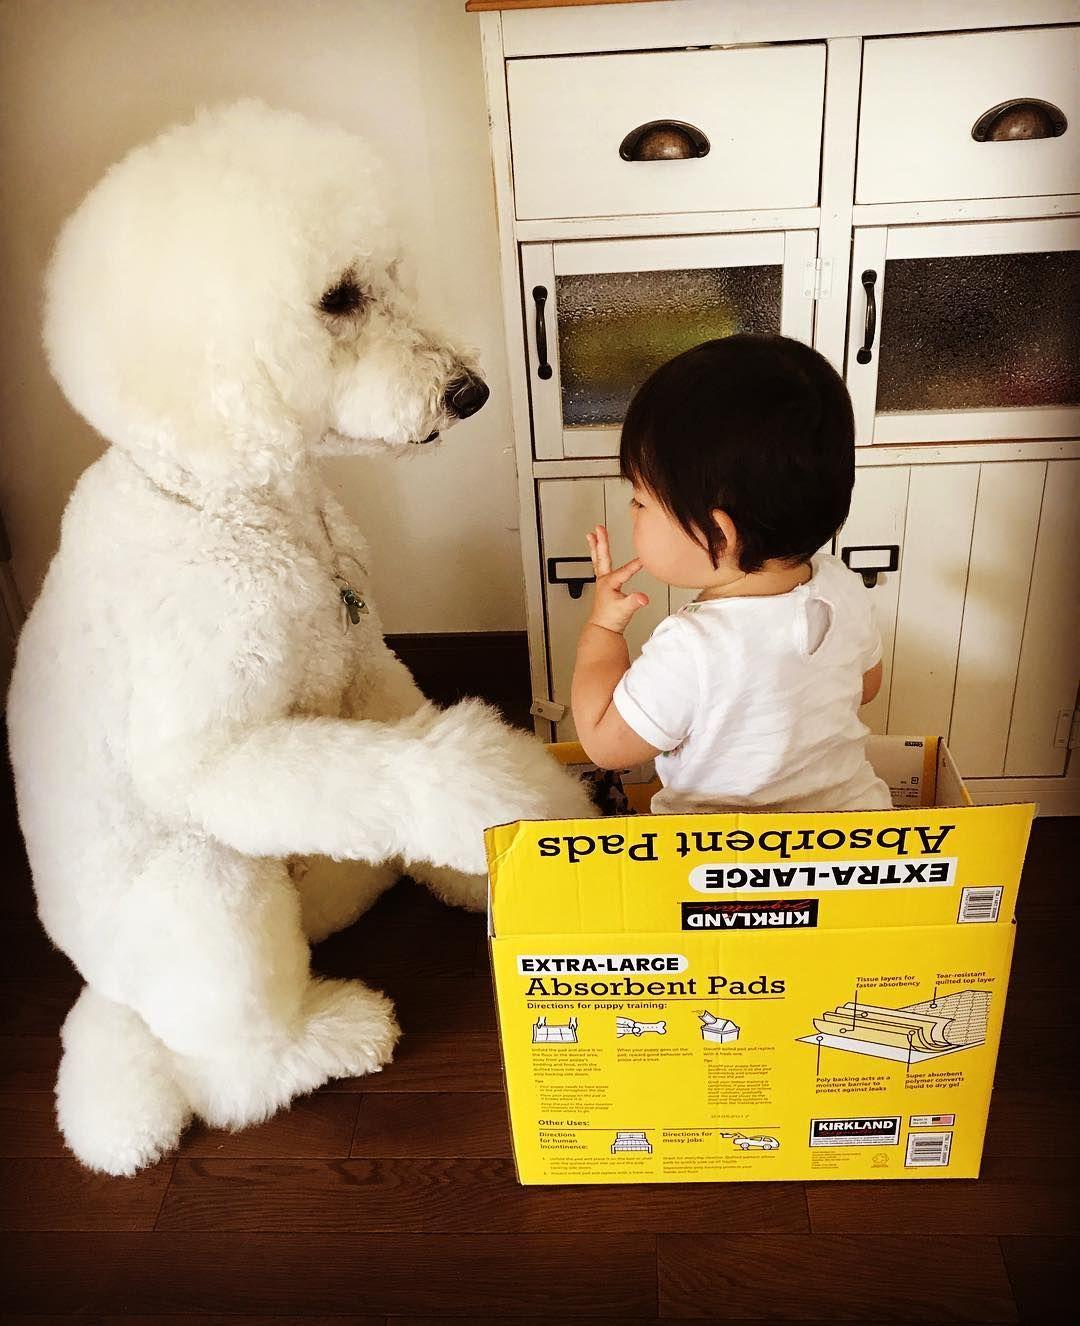 ペットシートの空き箱大人気 笑 俺も中に入れてよ Standardpoodle Poodlesofinstagram スタンダードプードル Whitepoodle いぬすたぐらむ 大型犬と子供 Poodle Dogstagram East Dog Ja 犬 赤ちゃん 犬 かわいい ペット